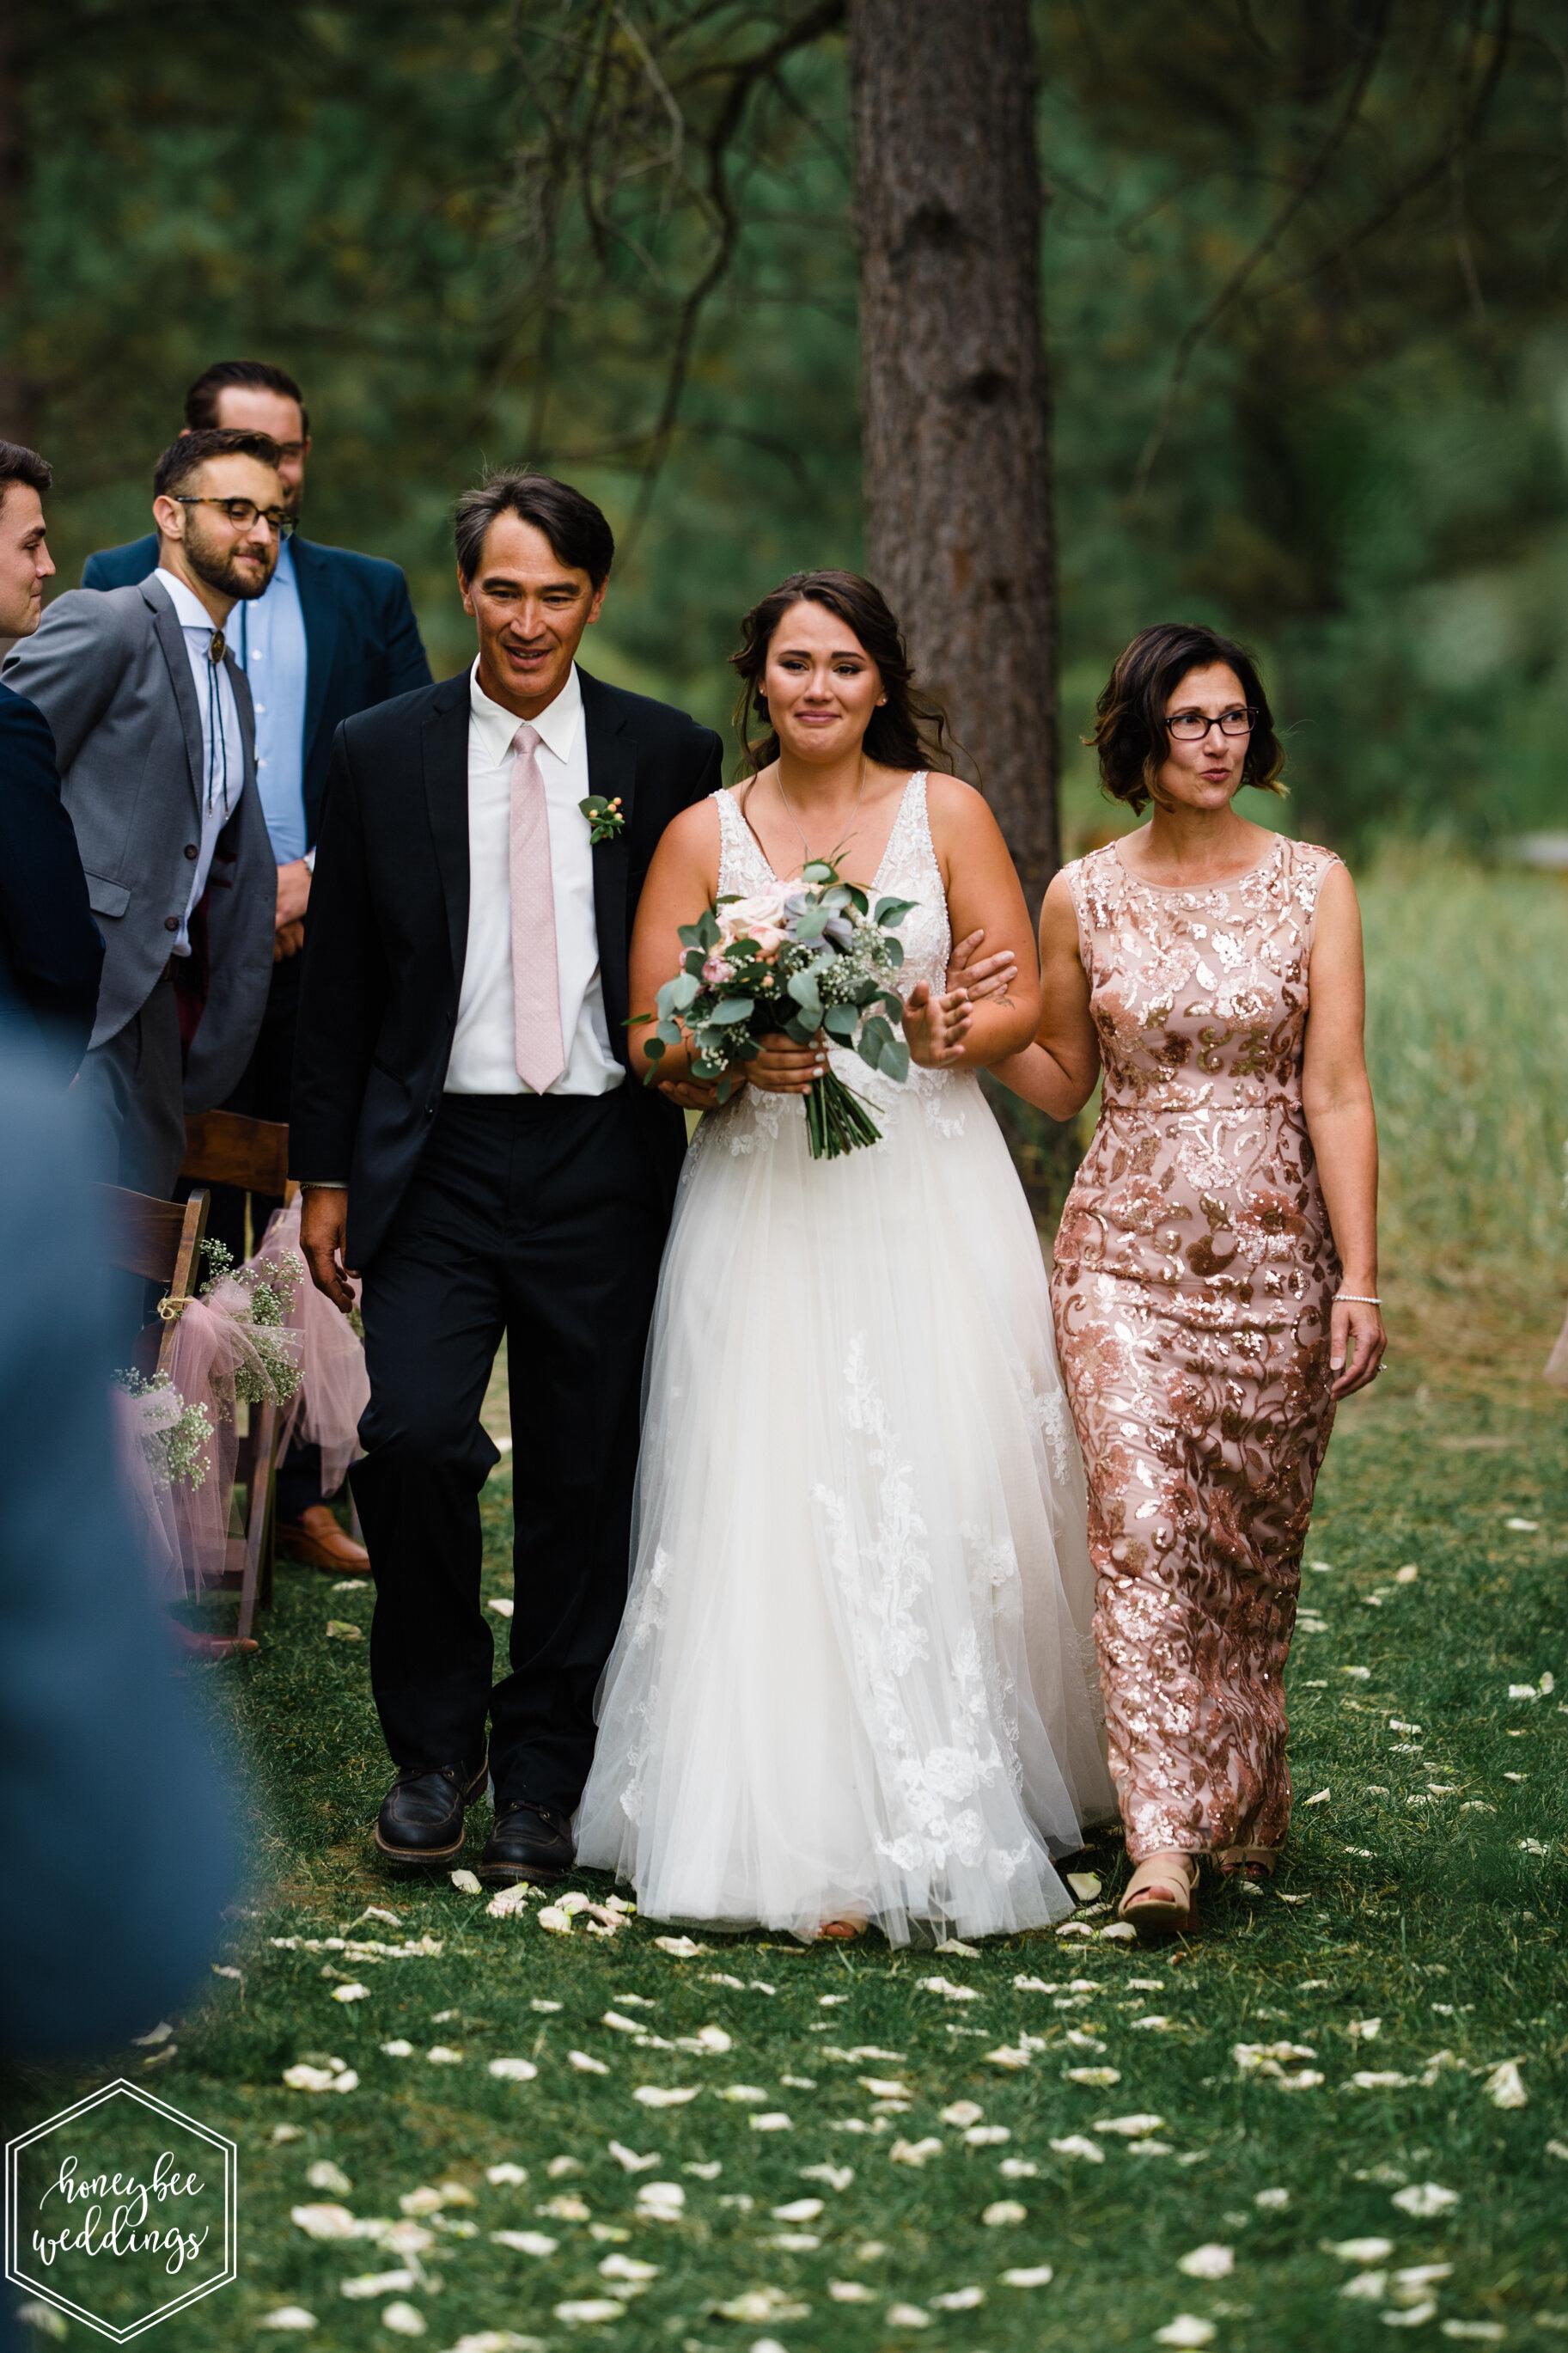 051White Raven Wedding_Montana Wedding Photographer_Corey & Corey_Honeybee Weddings_September 06, 2019-2232.jpg